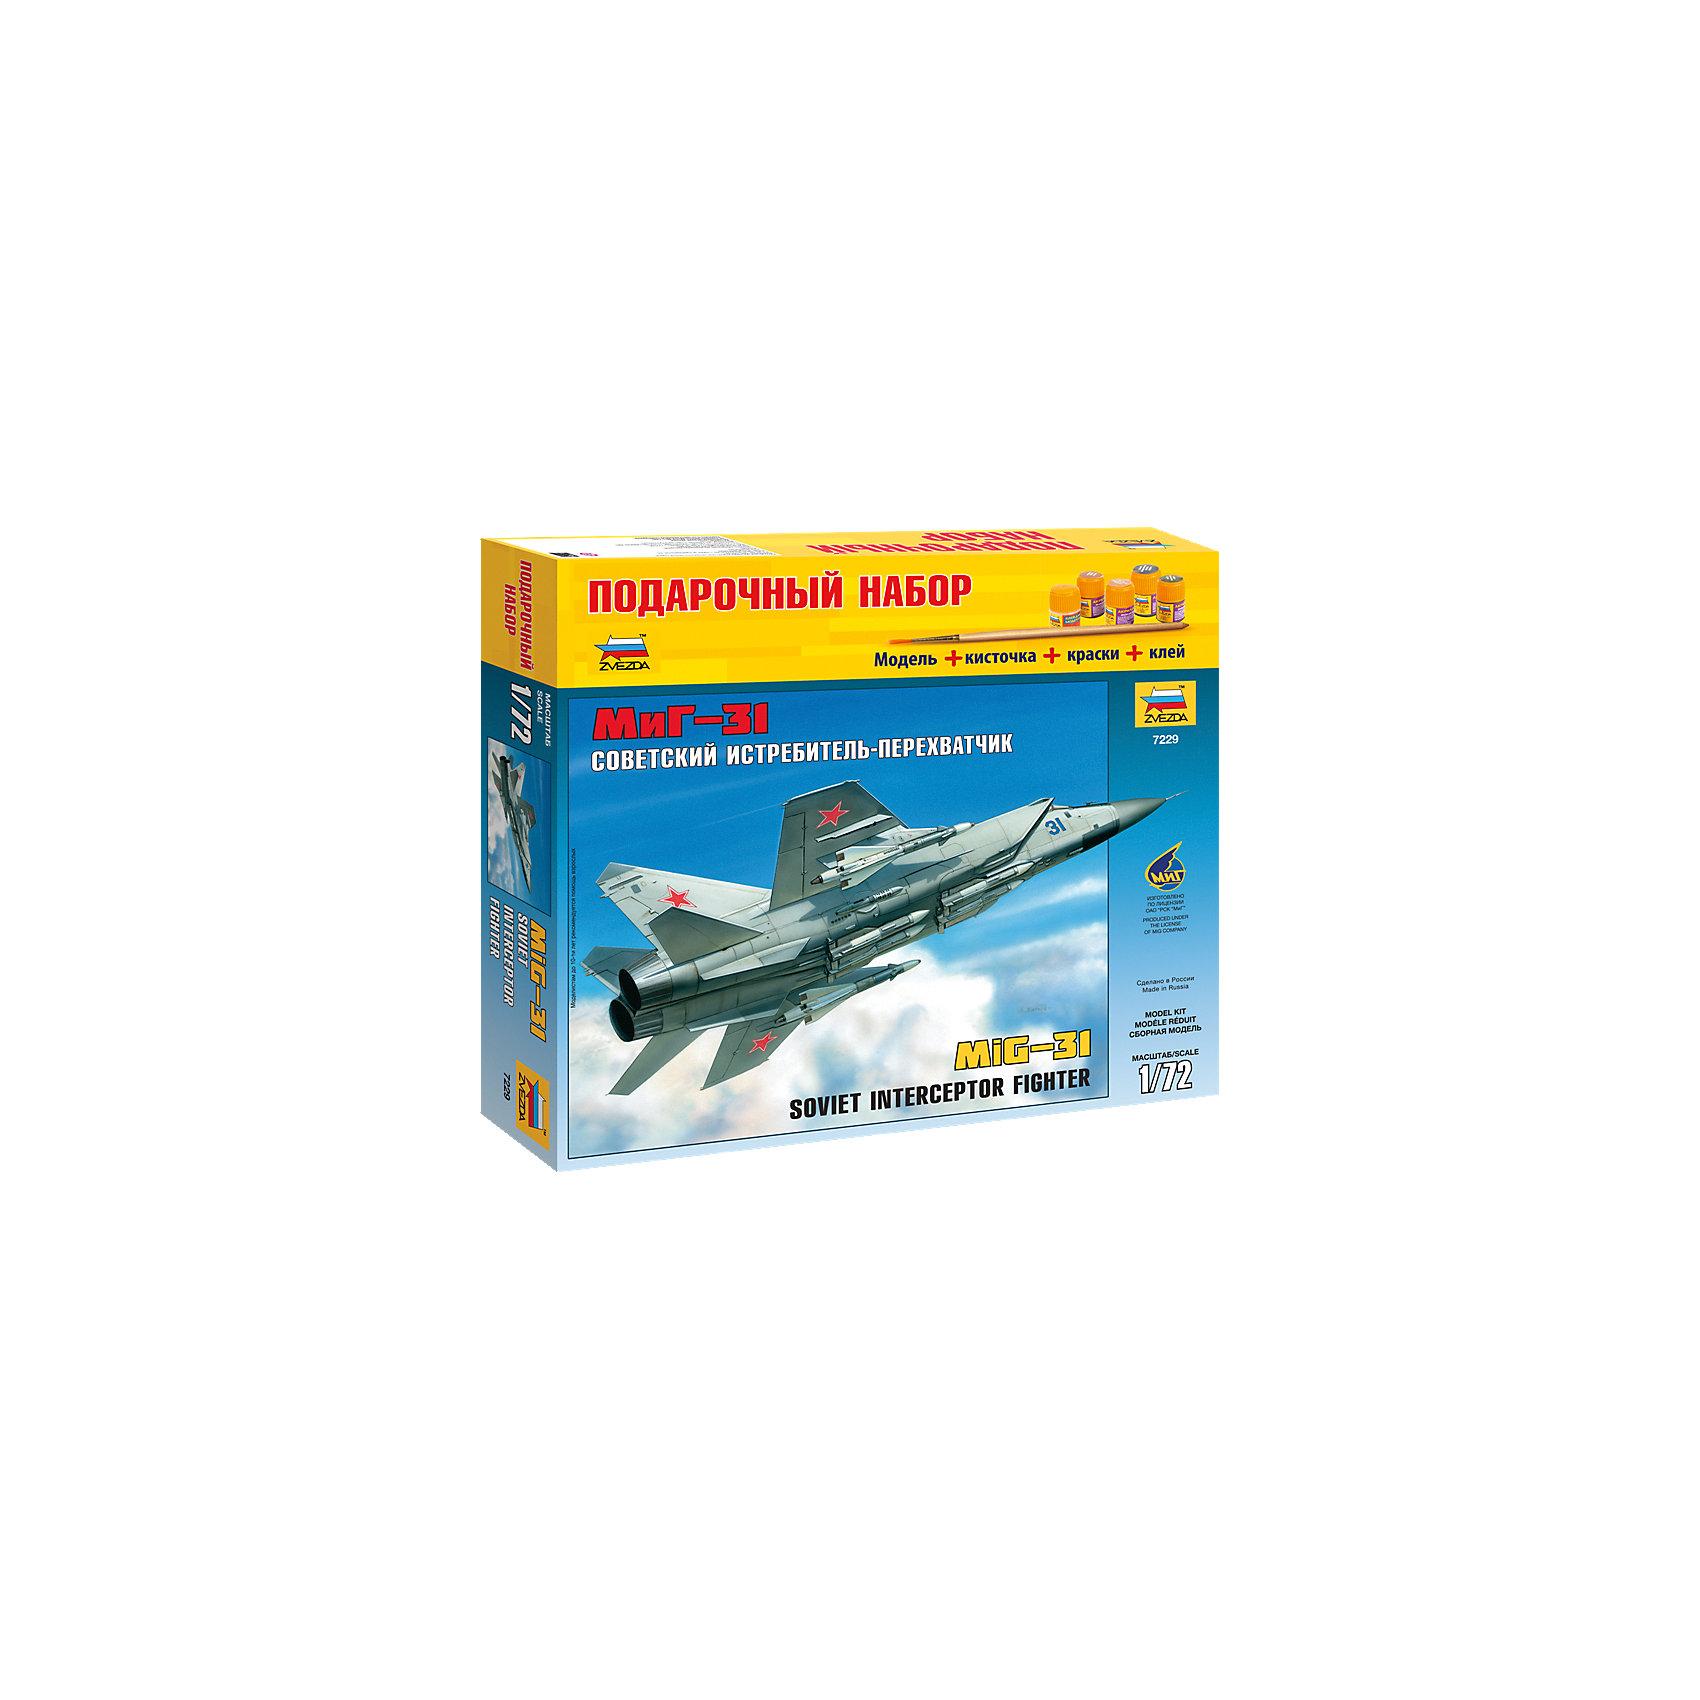 Сборная модель Звезда Самолет МиГ-31, 1:72 (подарочный набор)Модели для склеивания<br>Набор подарочный-сборка Самолет МиГ-31 (Россия)<br><br>Ширина мм: 348<br>Глубина мм: 60<br>Высота мм: 315<br>Вес г: 750<br>Возраст от месяцев: 36<br>Возраст до месяцев: 180<br>Пол: Мужской<br>Возраст: Детский<br>SKU: 7086533